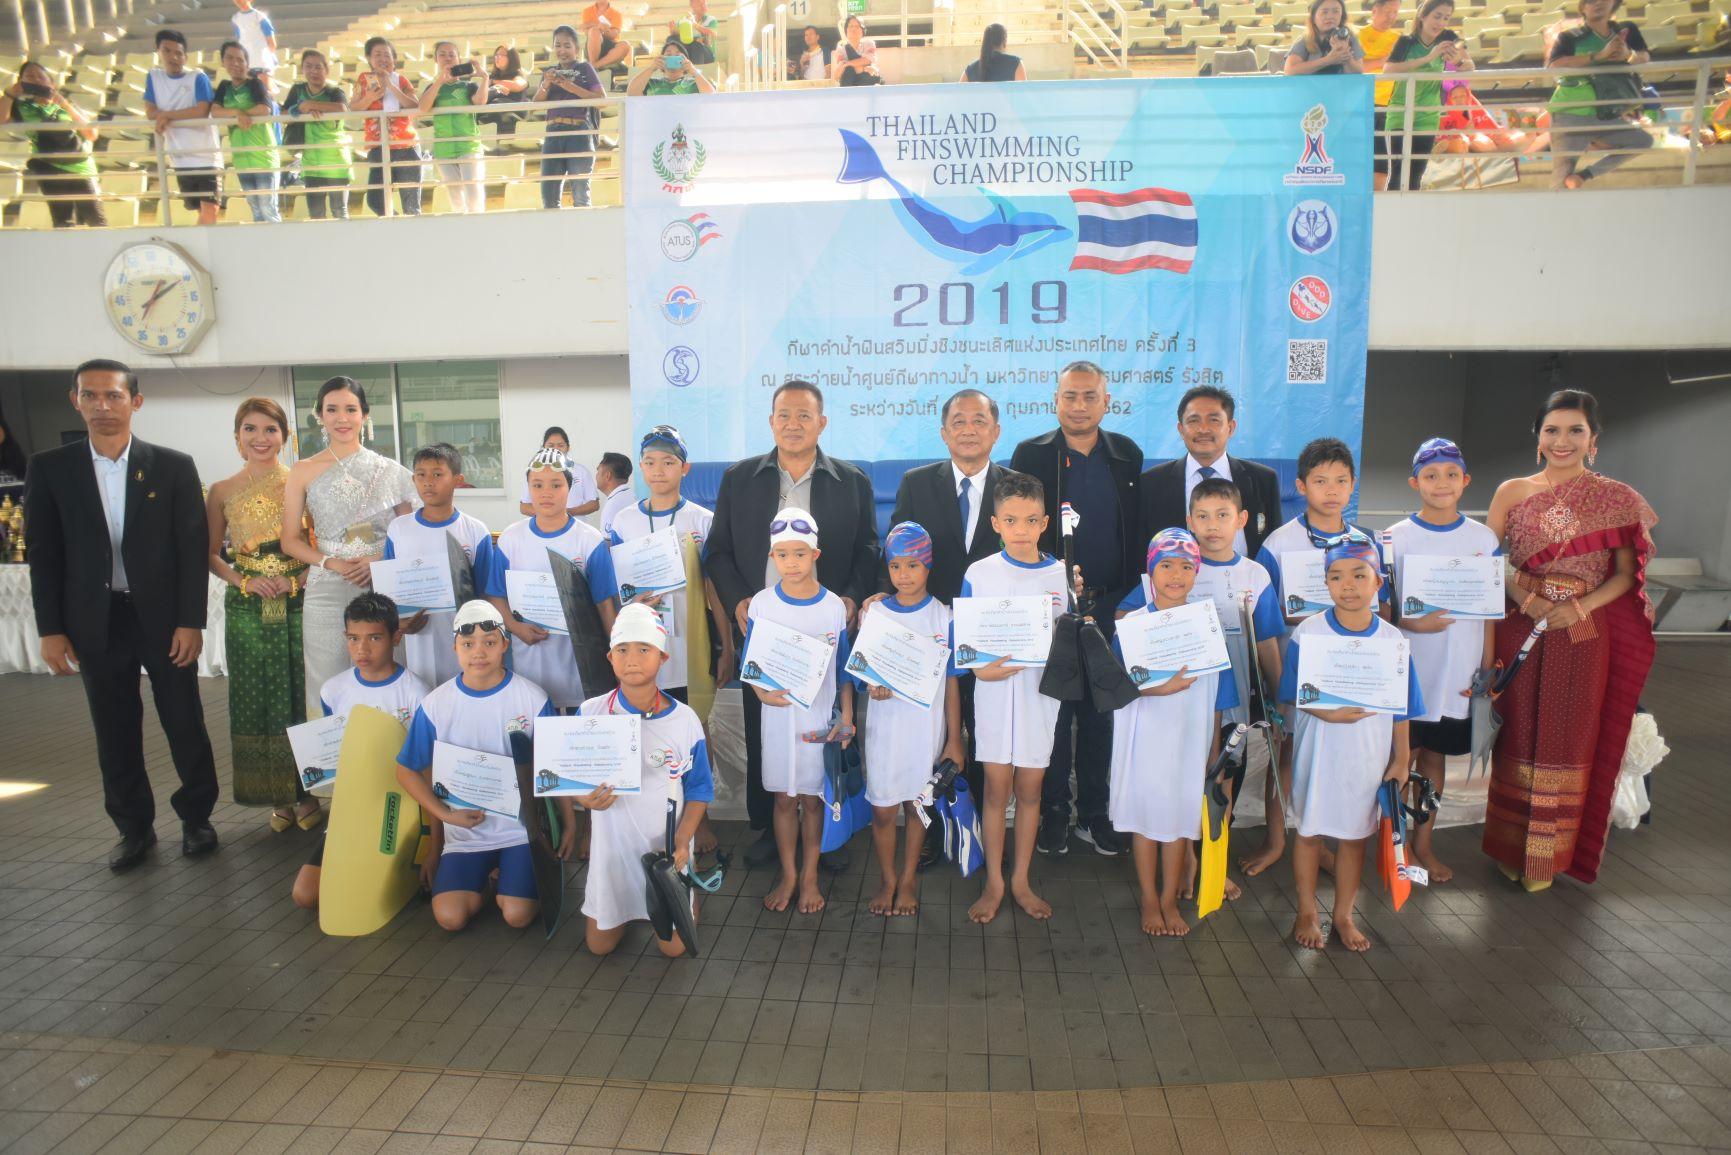 การแข่งขันกีฬาดำน้ำฟินสวิมมิ่งชิงแชมป์แห่งประเทศไทย ครั้งที่ 3